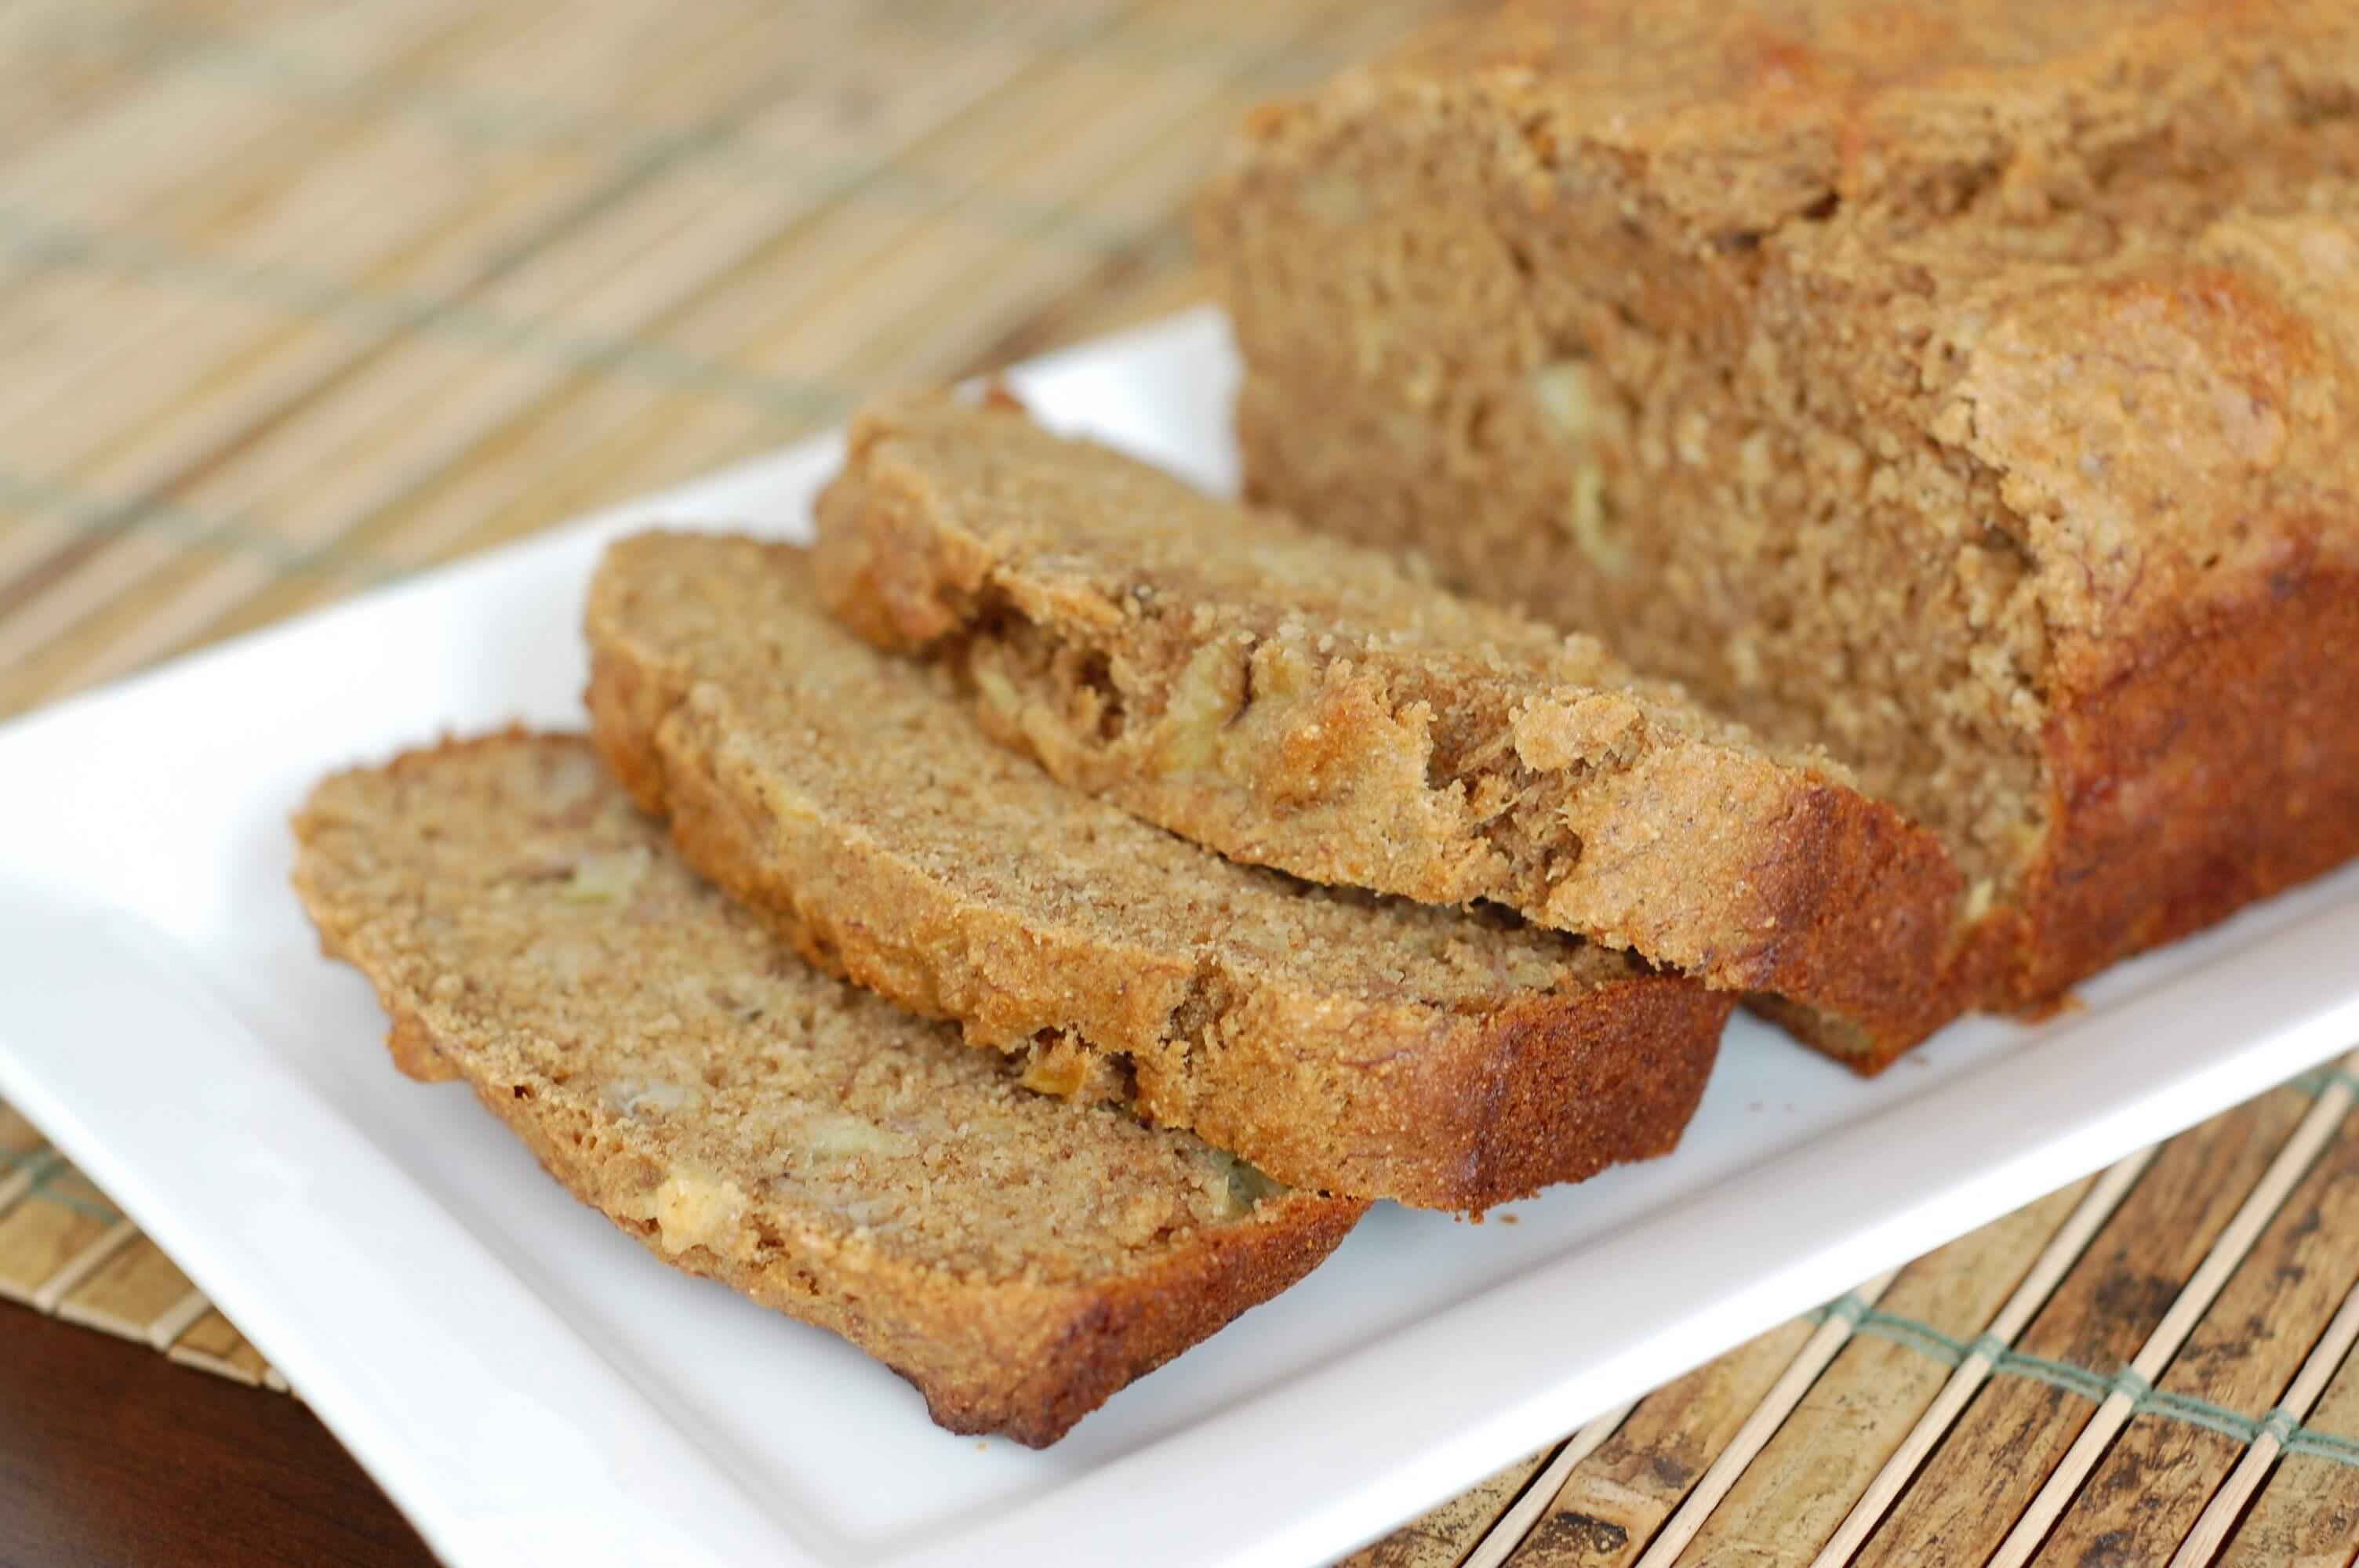 Banana Bread Healthy  Recipe Whole Wheat Banana Bread 100 Days of Real Food